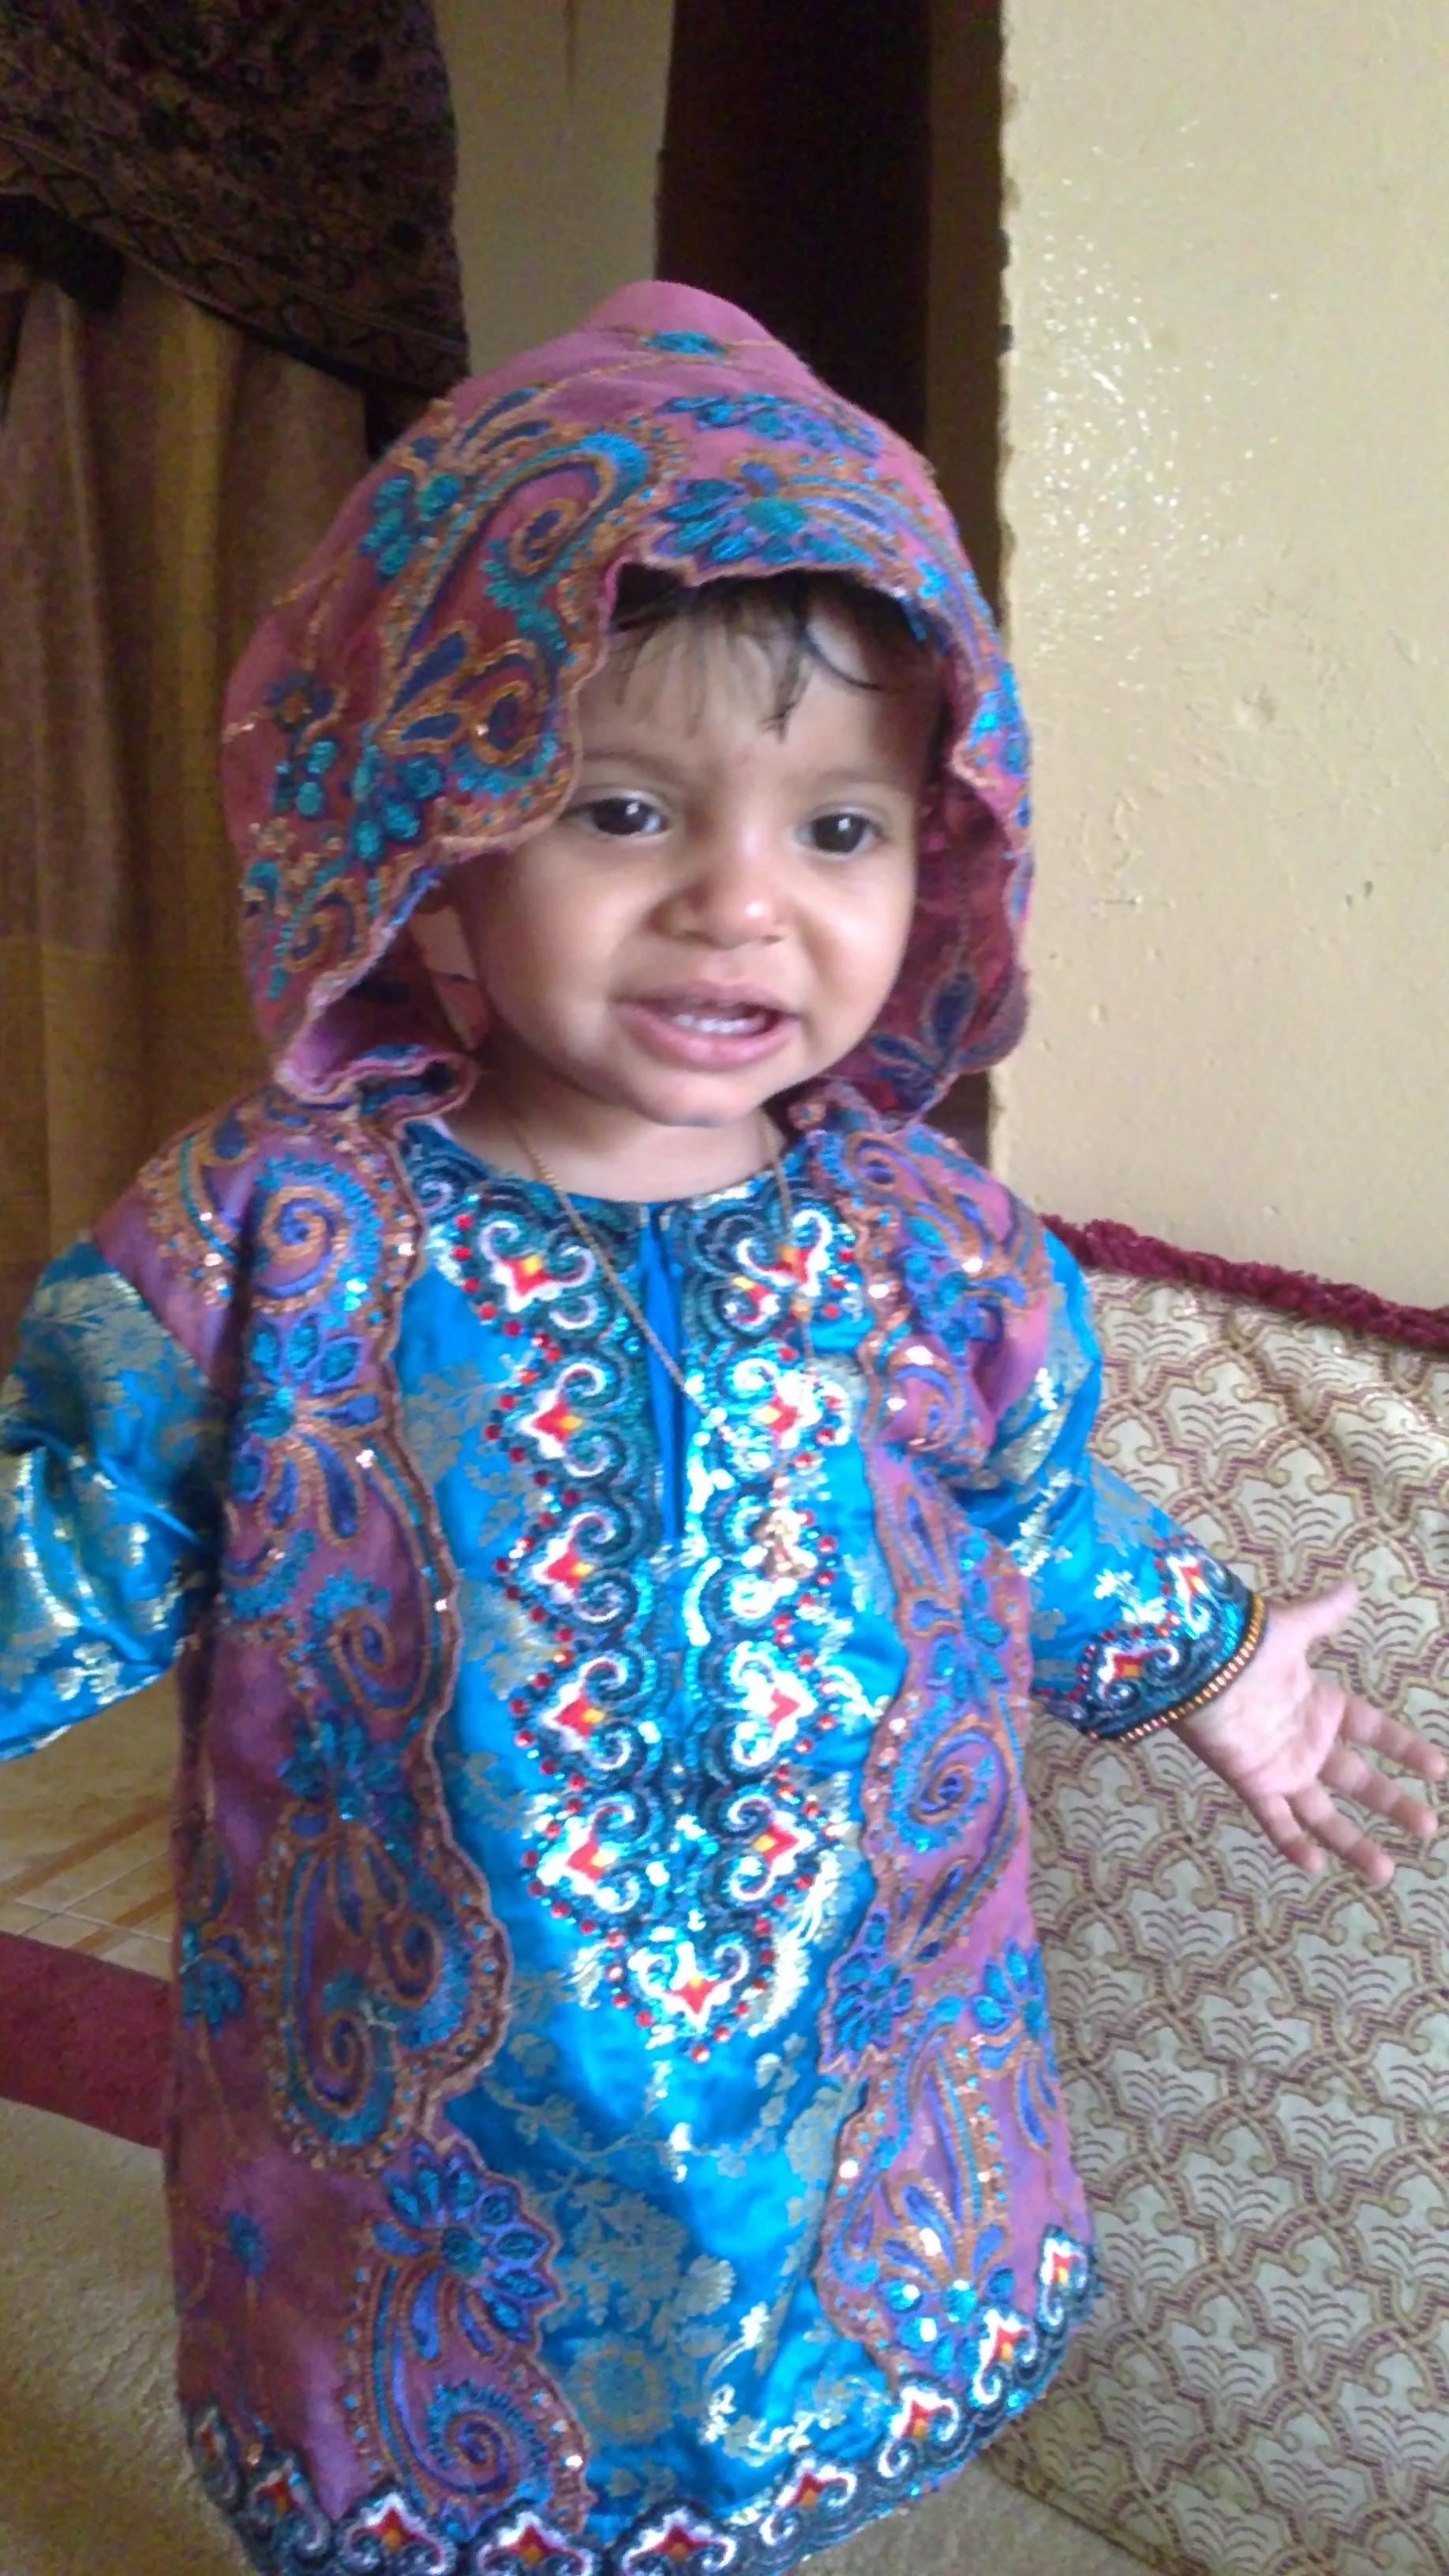 صوره ازياء عمانية تقليدية للاطفال , ملابس رائعه للمناسبات